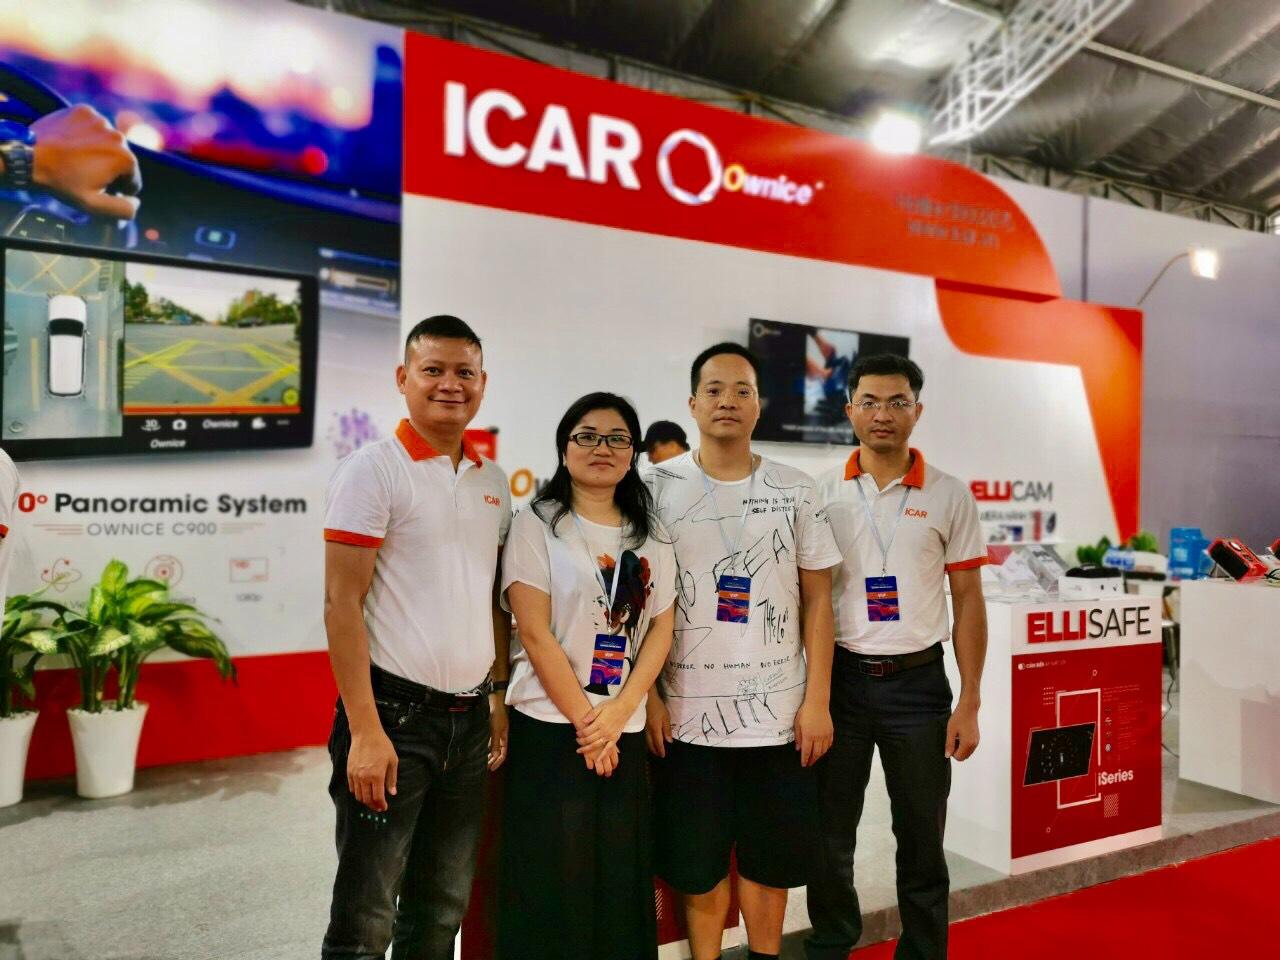 Đại diện thương hiệu Ownice (CEO-Mr.Scott Hu và COO-Mrs. Elaine Tang) cũng tham dự tại sự kiện